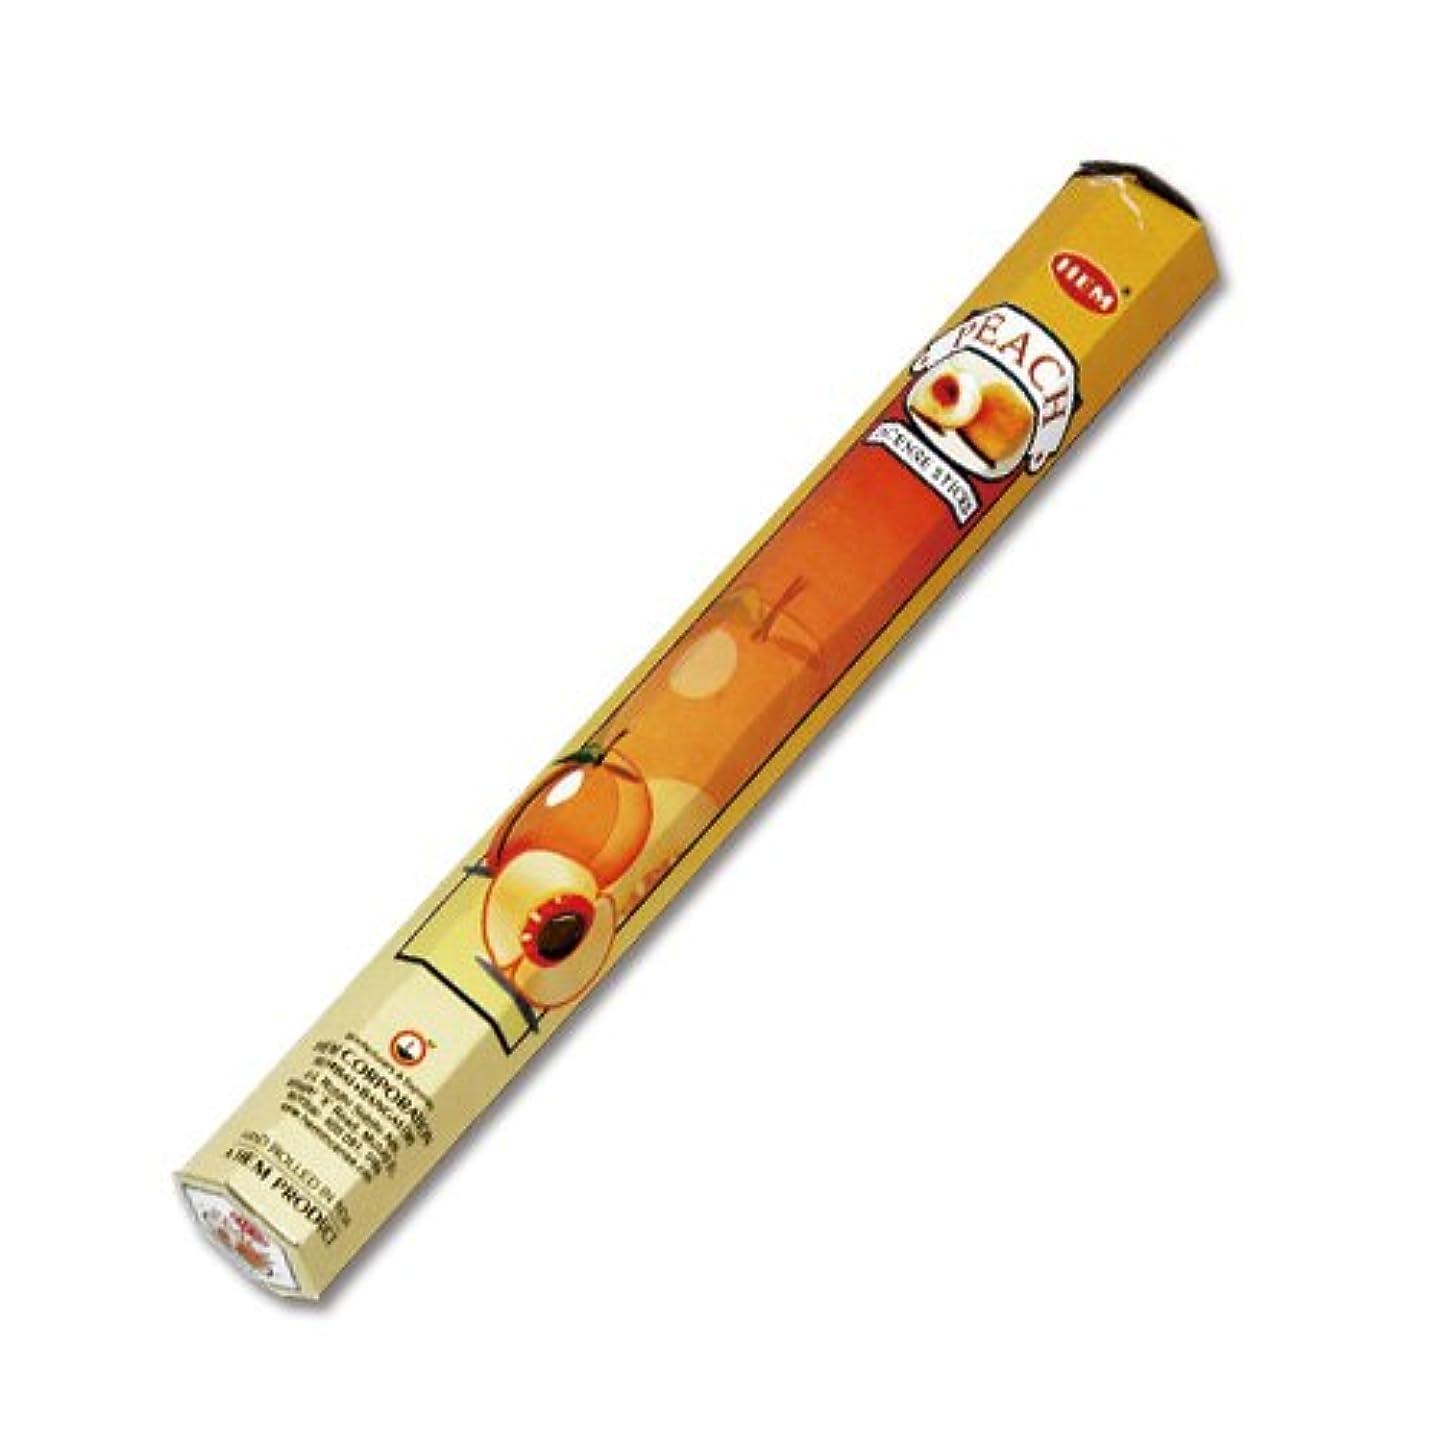 肥満食べる立法HEM (ヘム) インセンス スティック へキサパック ピーチ 6角(20本入)×1箱 [並行輸入品]